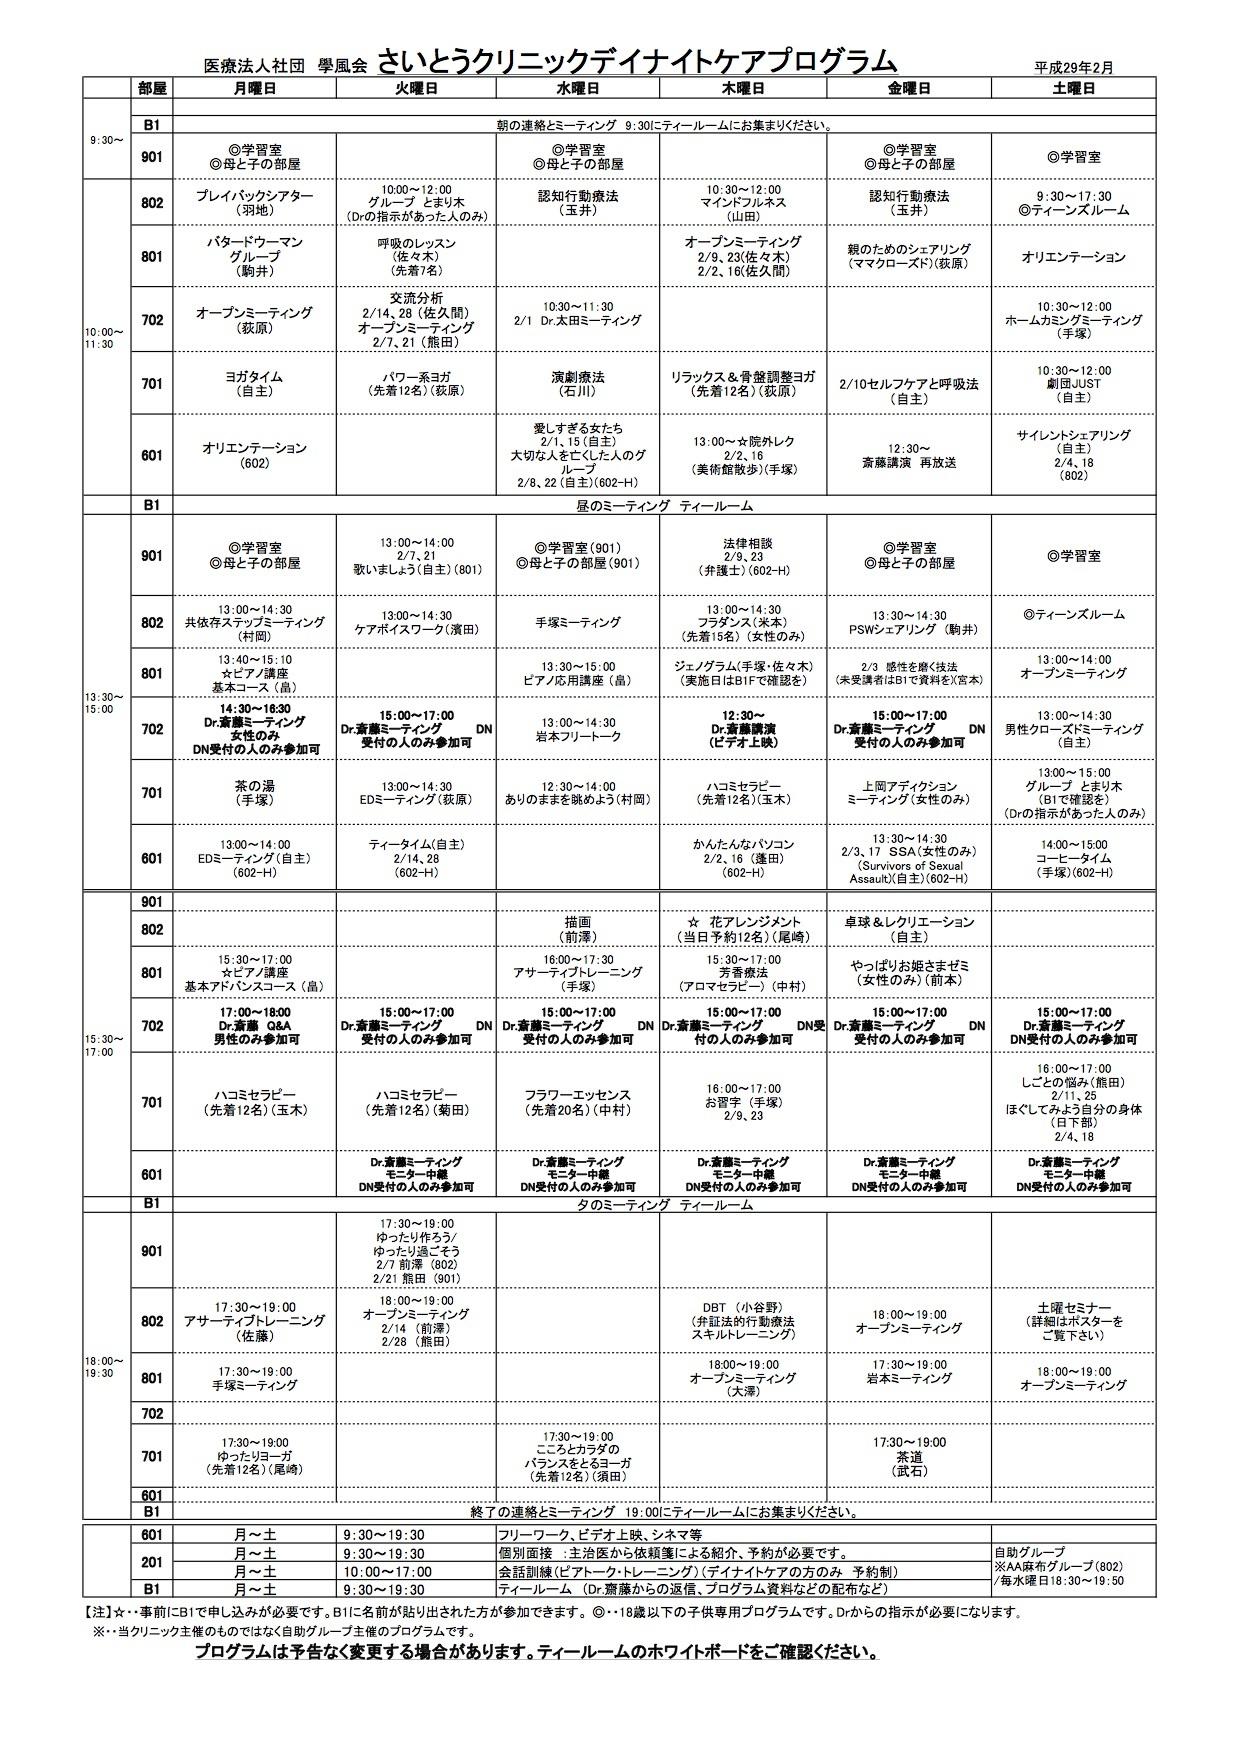 201702月プログラム進行表2 プログラム